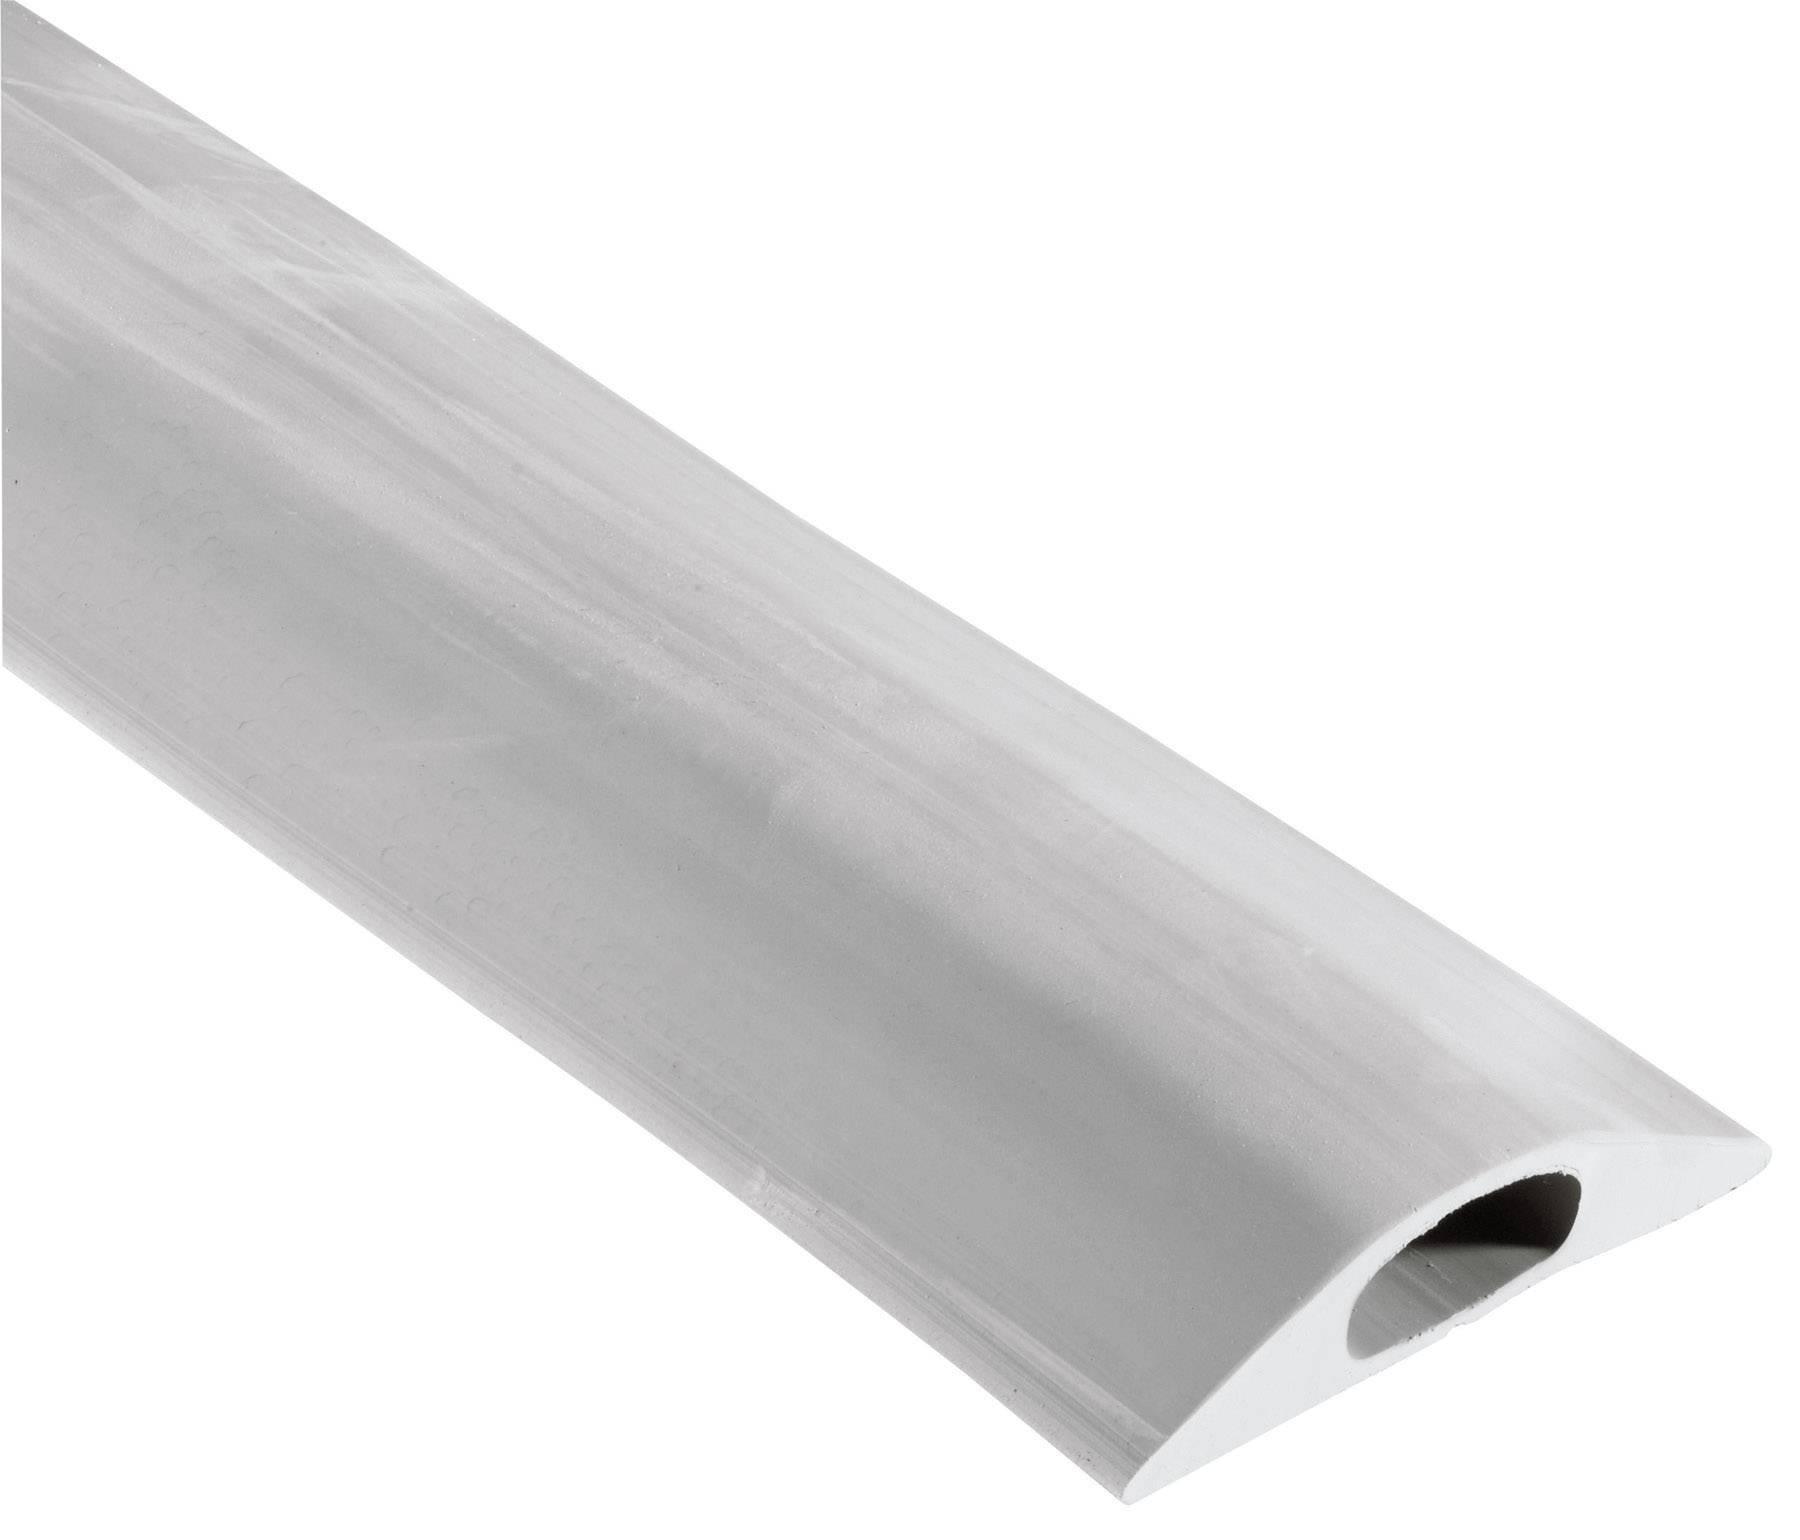 Káblový mostík Vulcascot Snap Fit B Snap Fit B, (d x š x v) 3000 x 83 x 14 mm, sivá, 1 ks